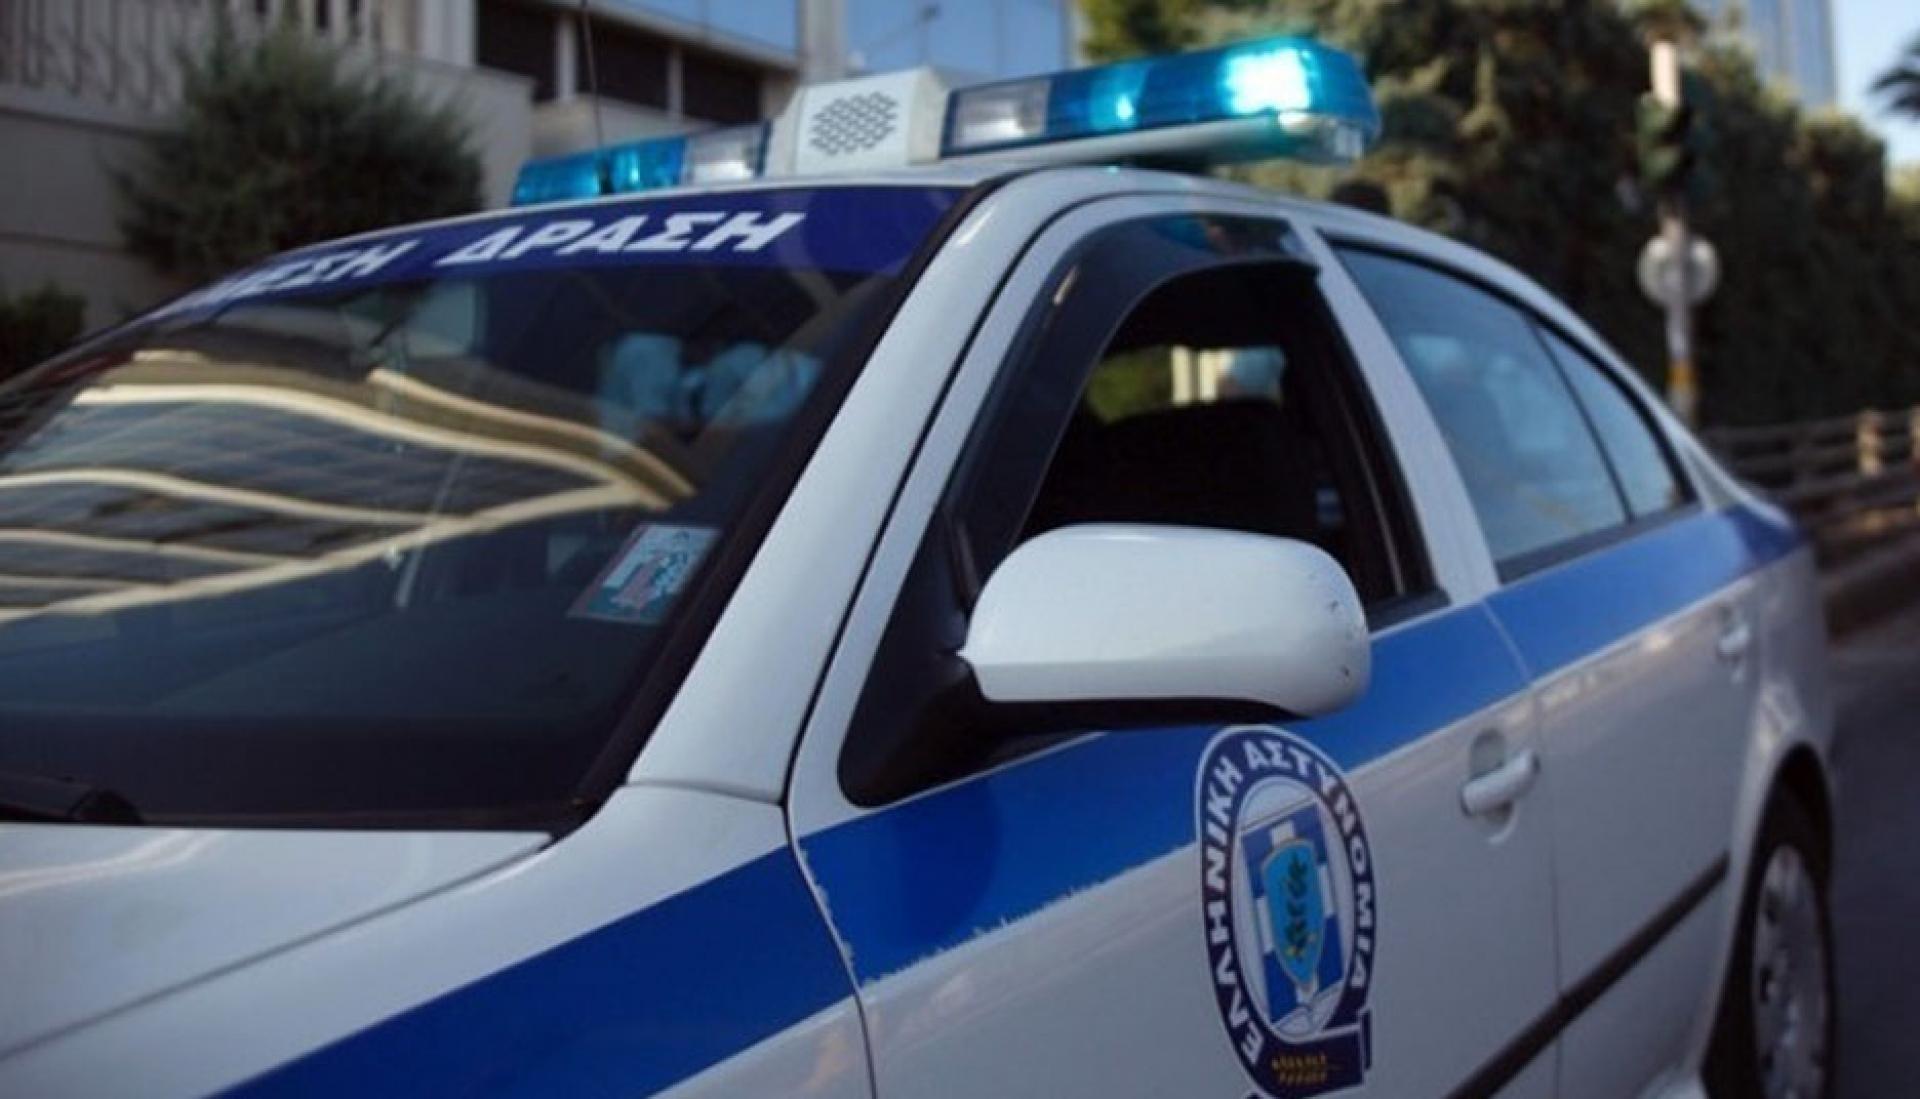 Αποκάλυψη: Είχε κάψει μοτοσυκλέτα αστυνομικού ο ένας από τους 8 ανήλικους που «έσπρωχναν» ναρκωτικά